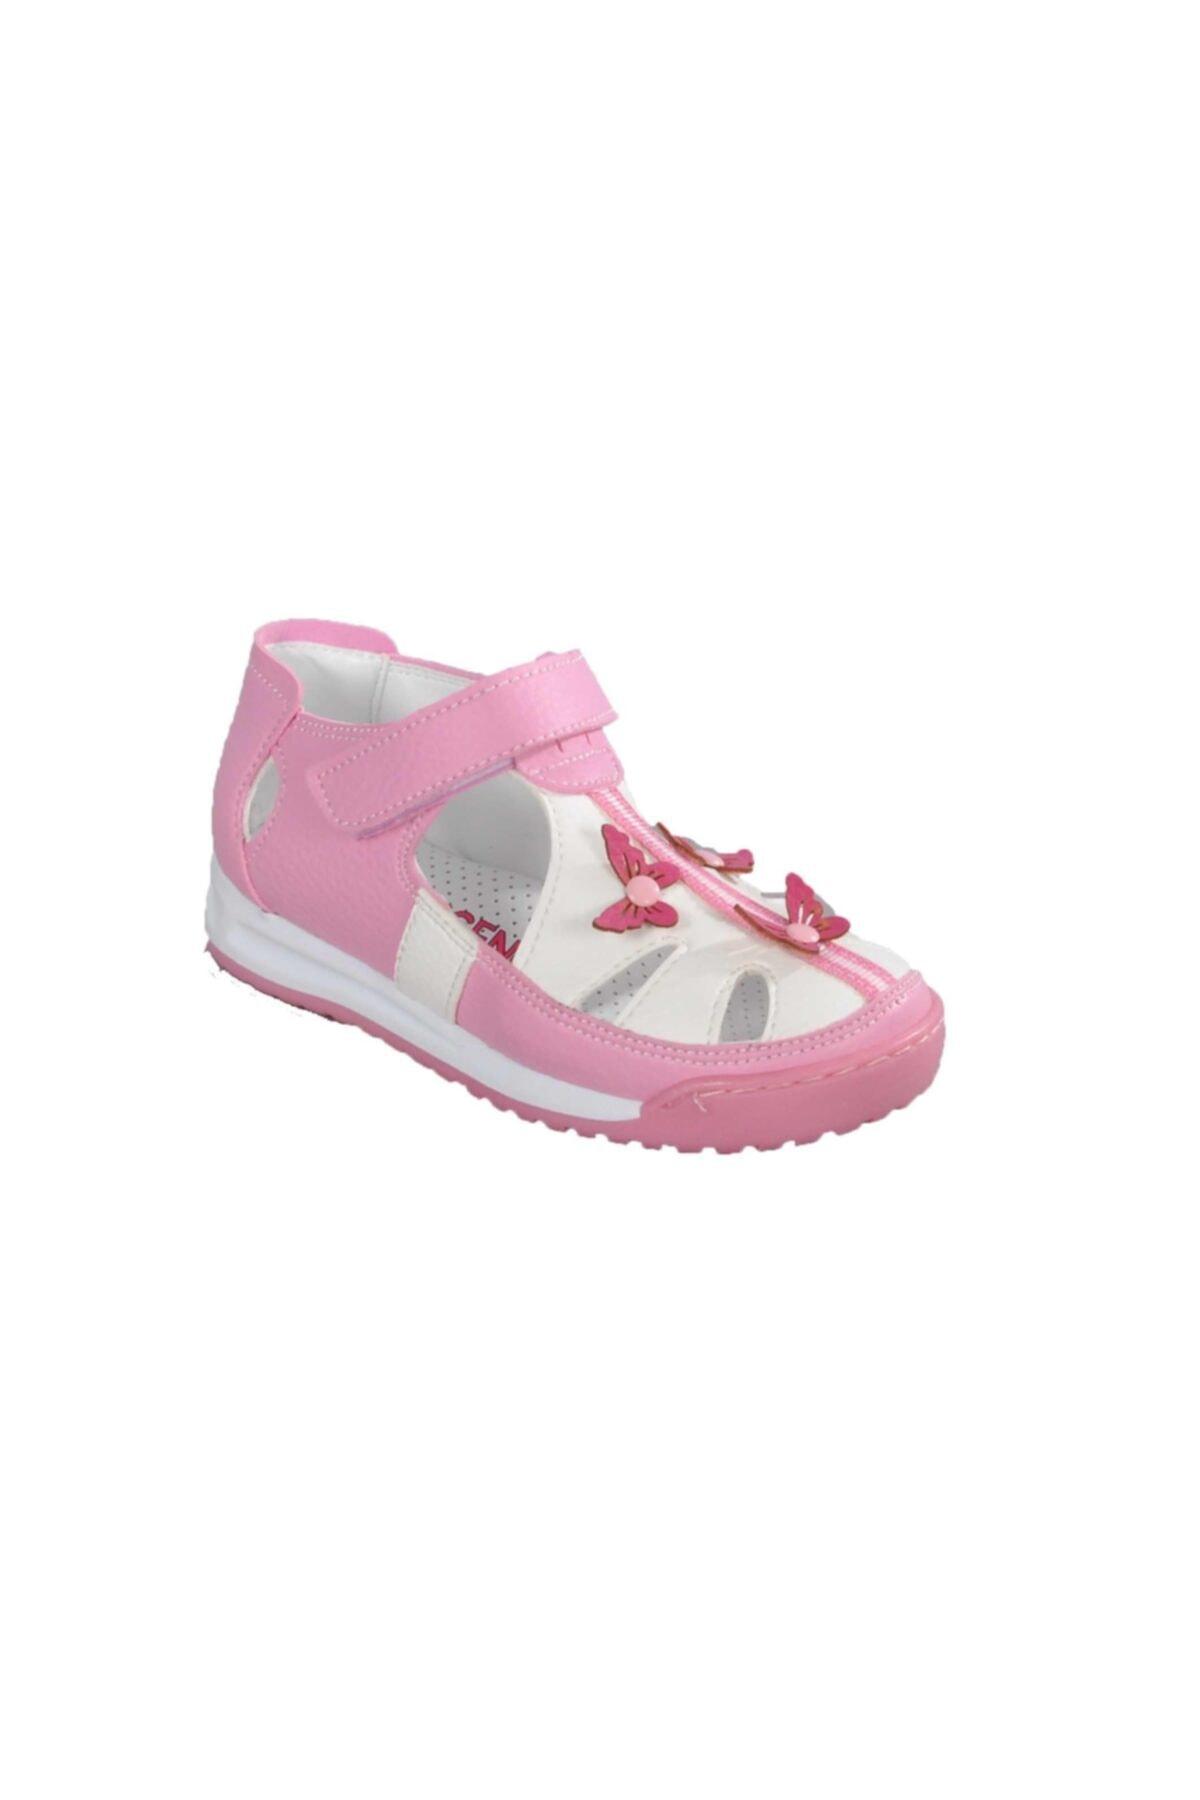 012 Beyaz-pembe Çocuk Günlük Ayakkabı